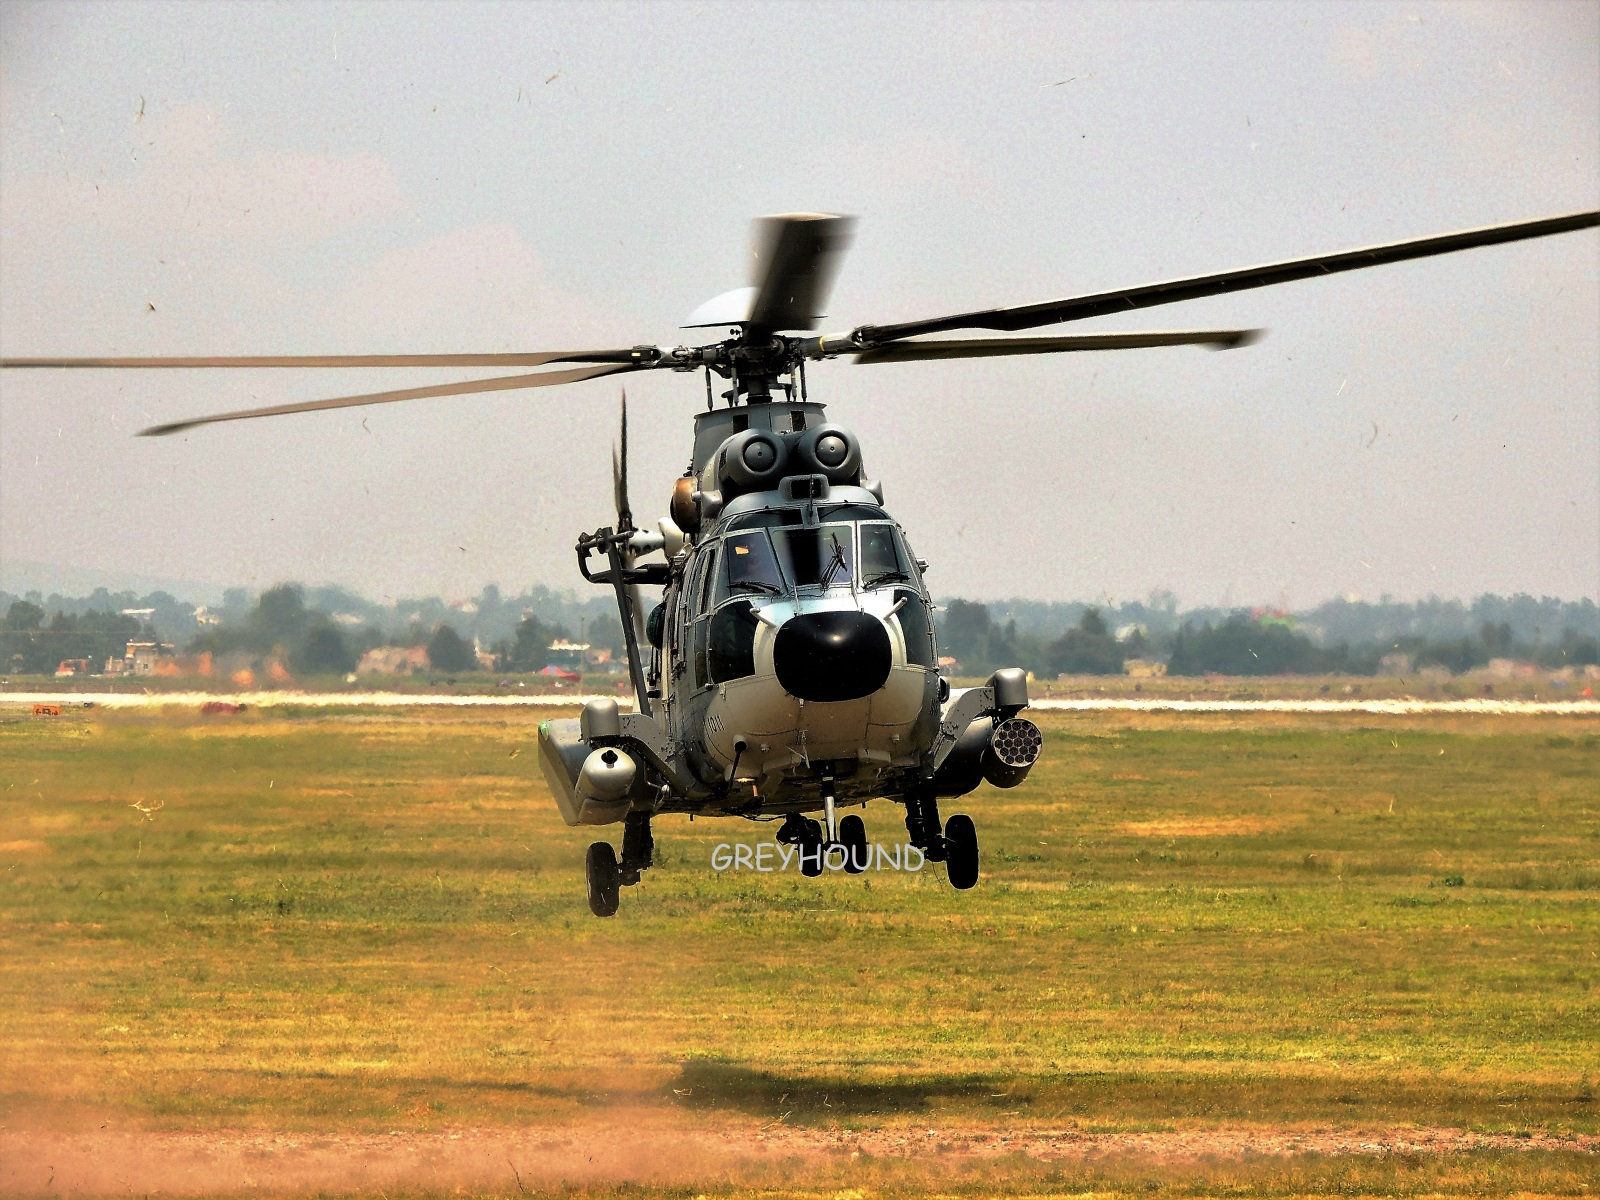 Fuerza aerea de MEXICO - Página 6 4j6uyt